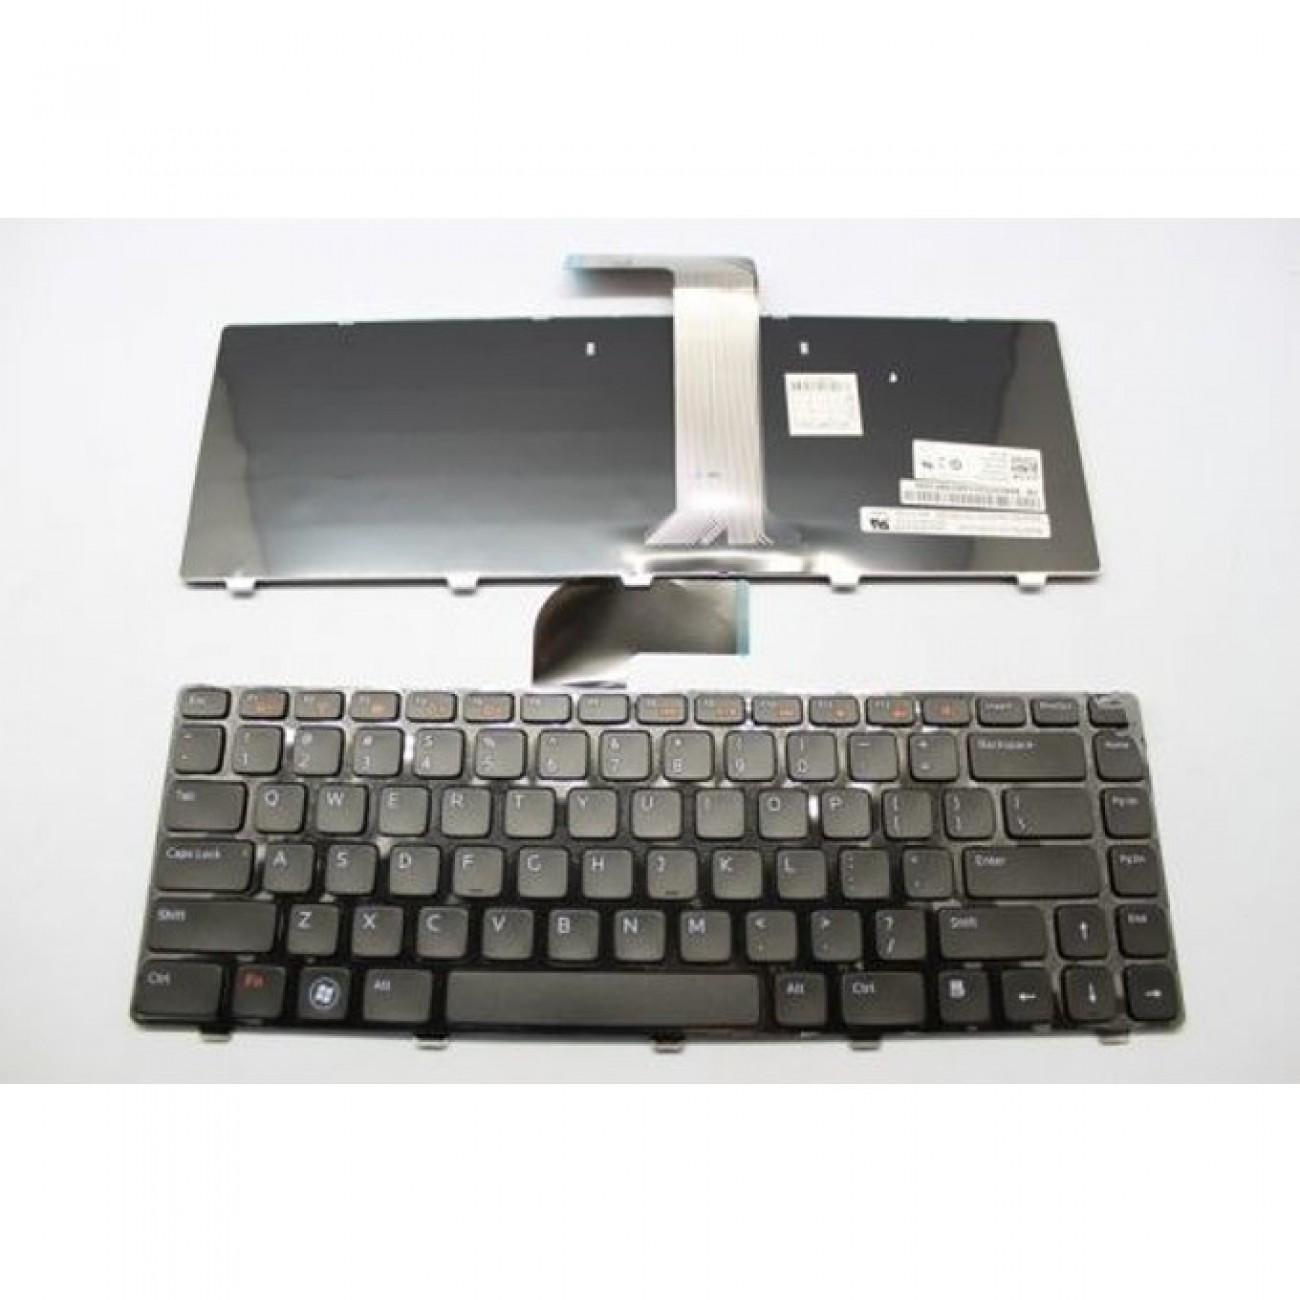 Клавиатура за лаптоп Dell, съвместима със серия Inspiron N5040 M5040 XPS L502, черна рамка, със сиви бутони, с подсветка, US/UK в Резервни части -    Alleop